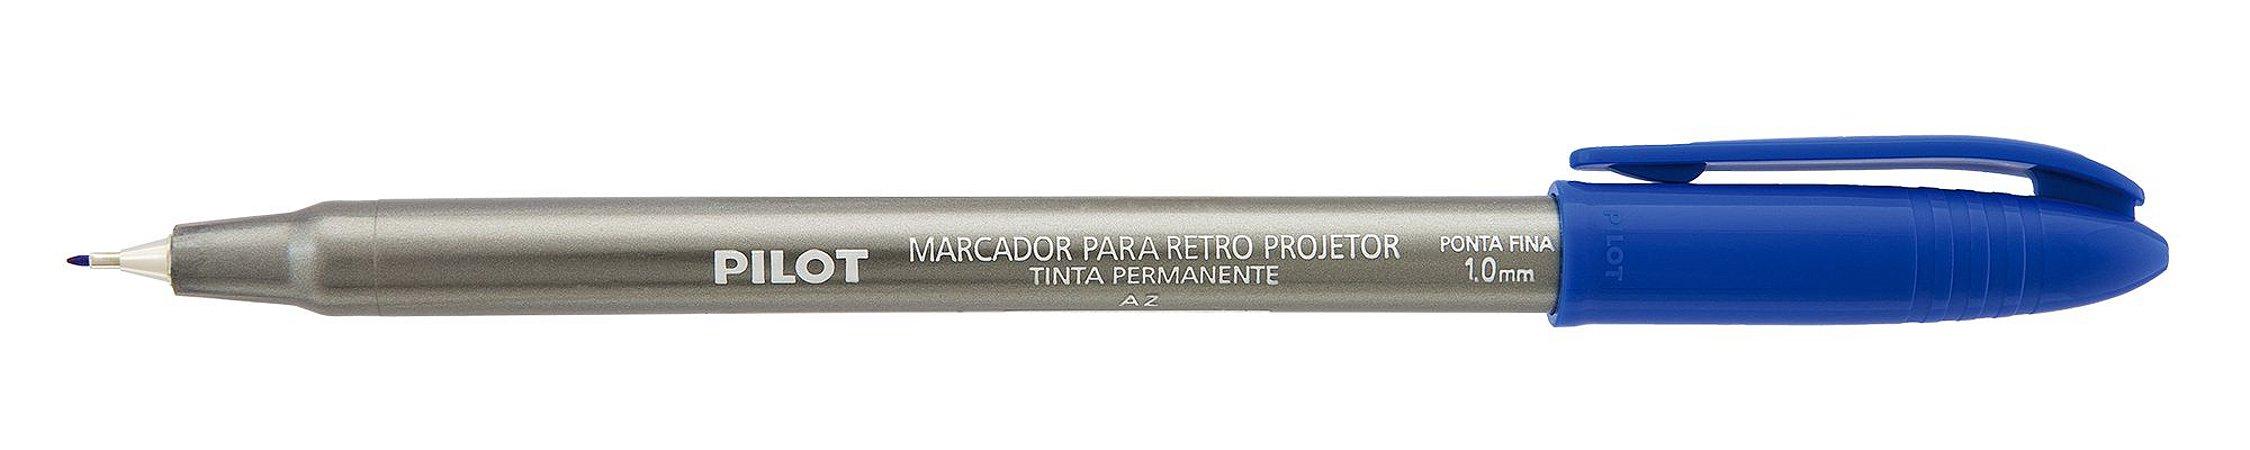 MARCADOR PARA RETRO PROJETOR 1.0MM AZUL - PILOT